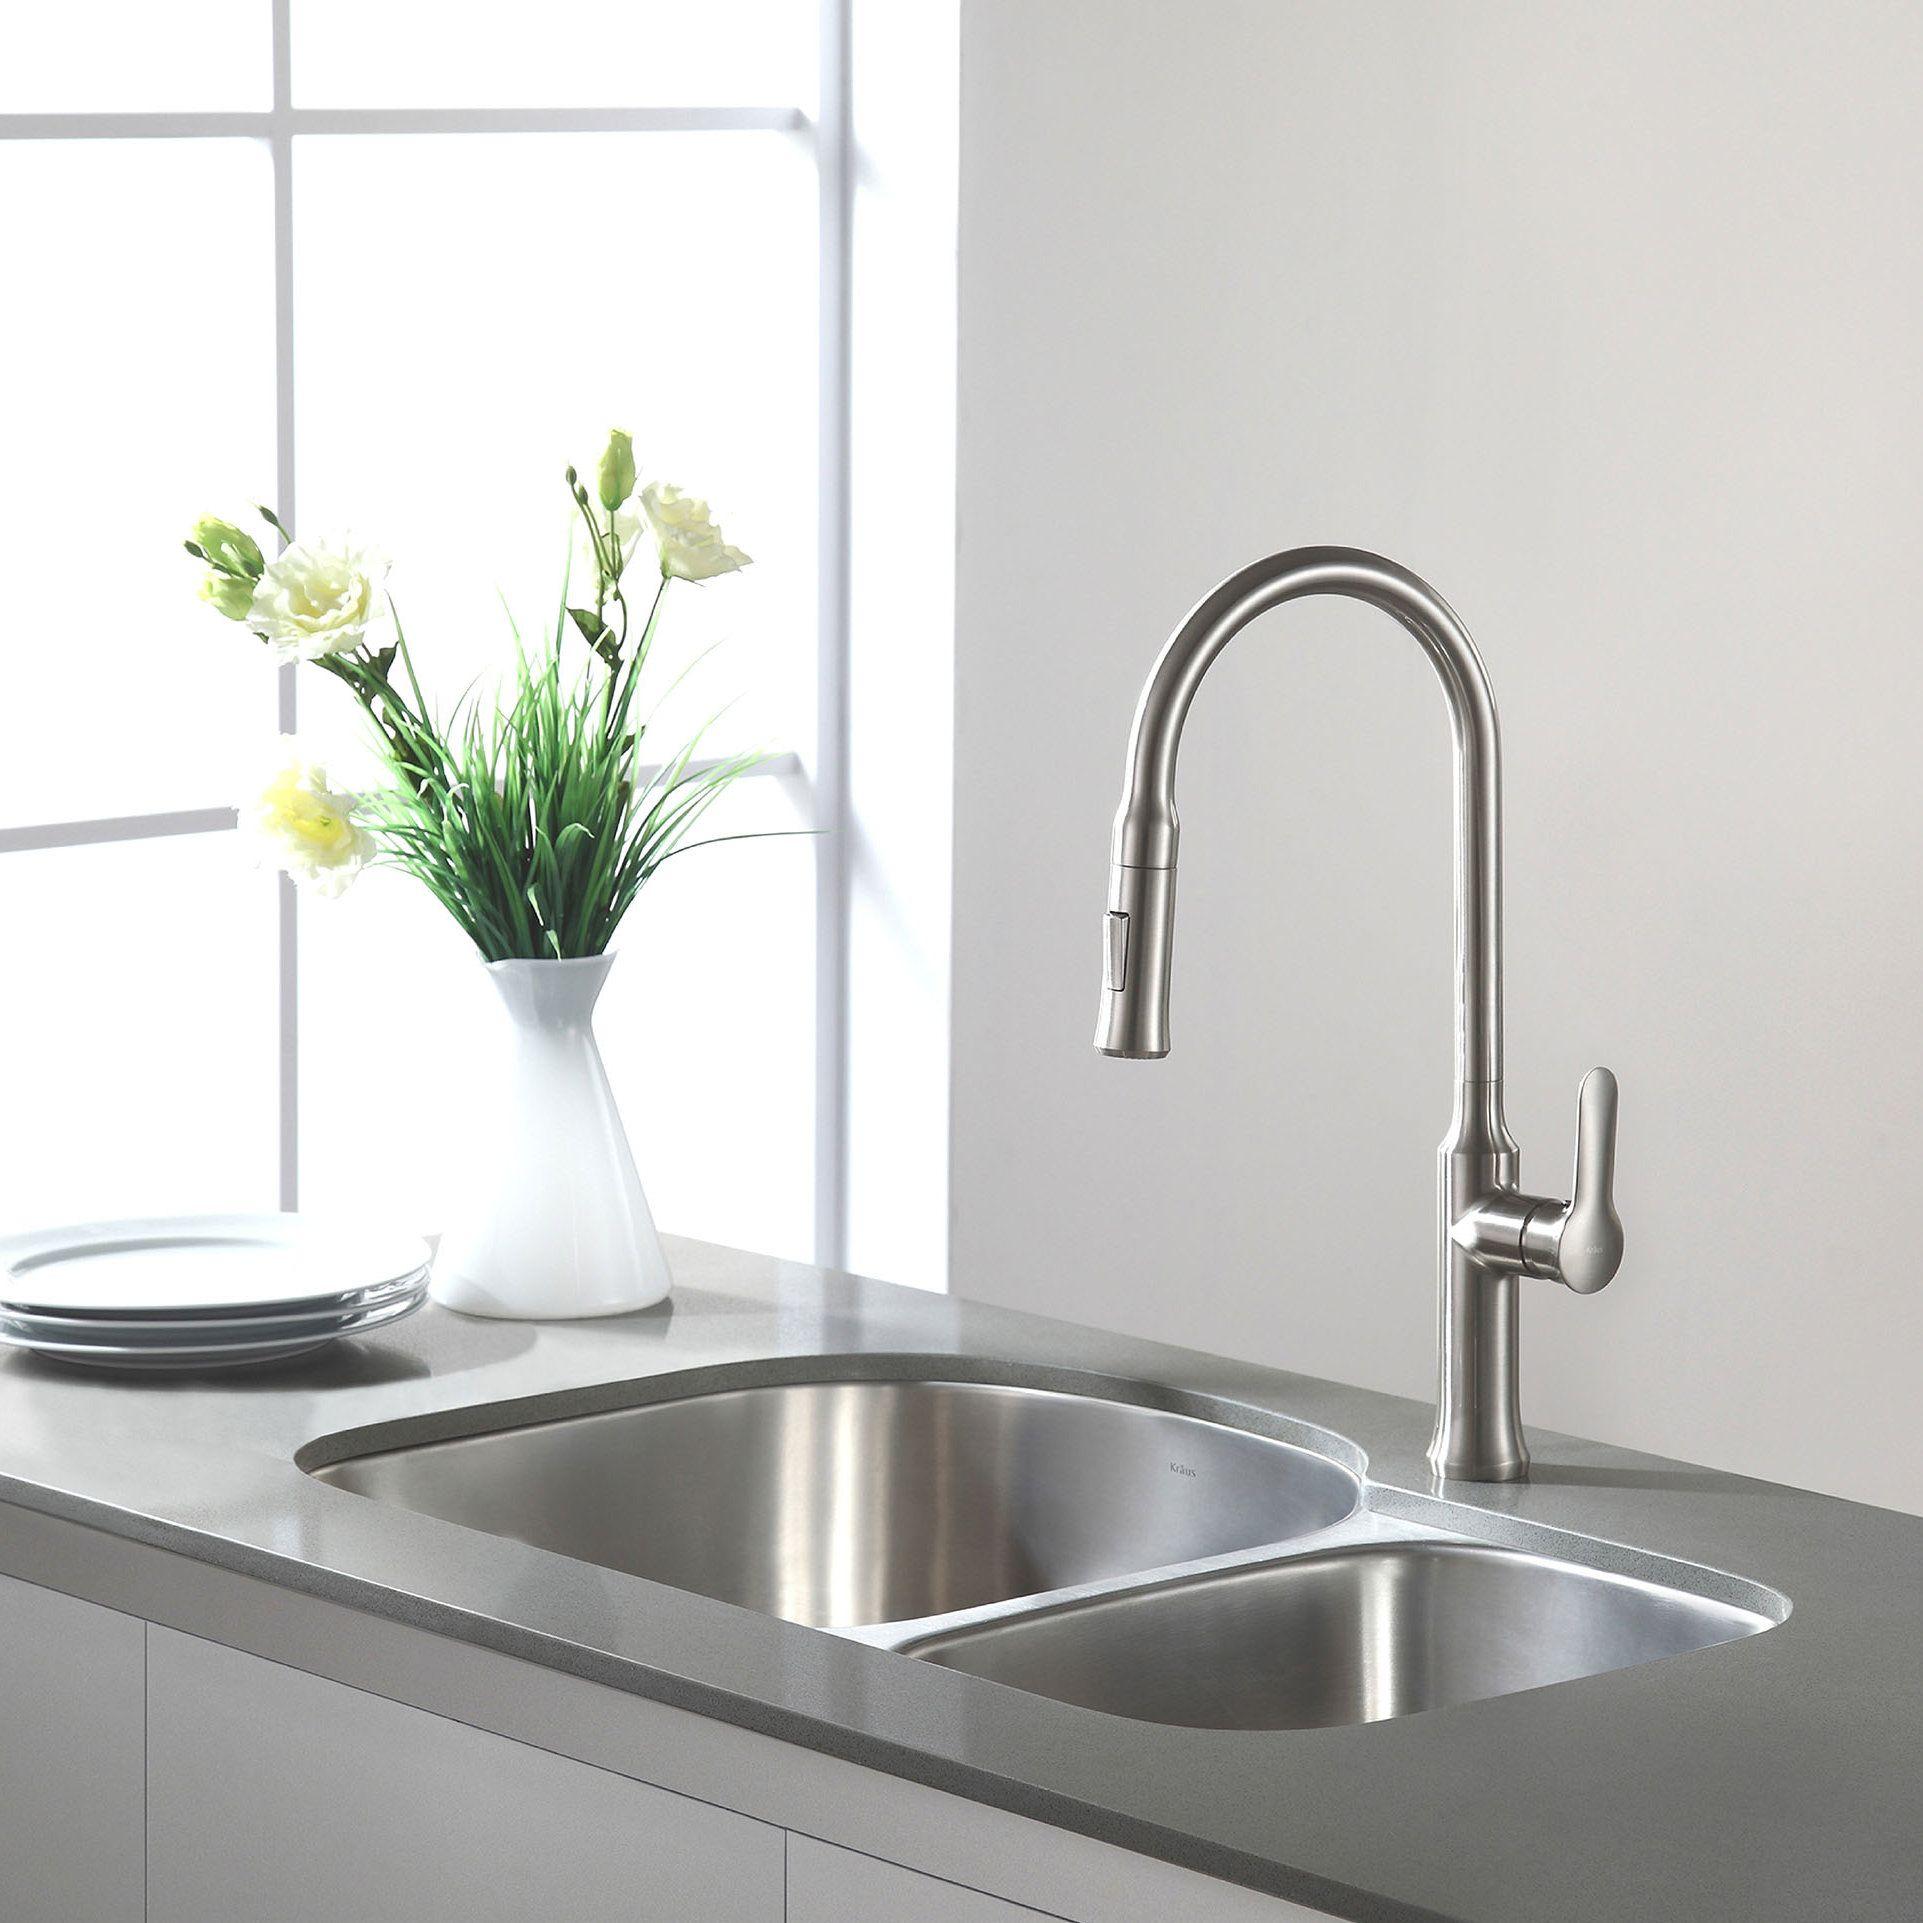 Stainless Steel 31 5 X 20 Double Basin Undermount Kitchen Sink